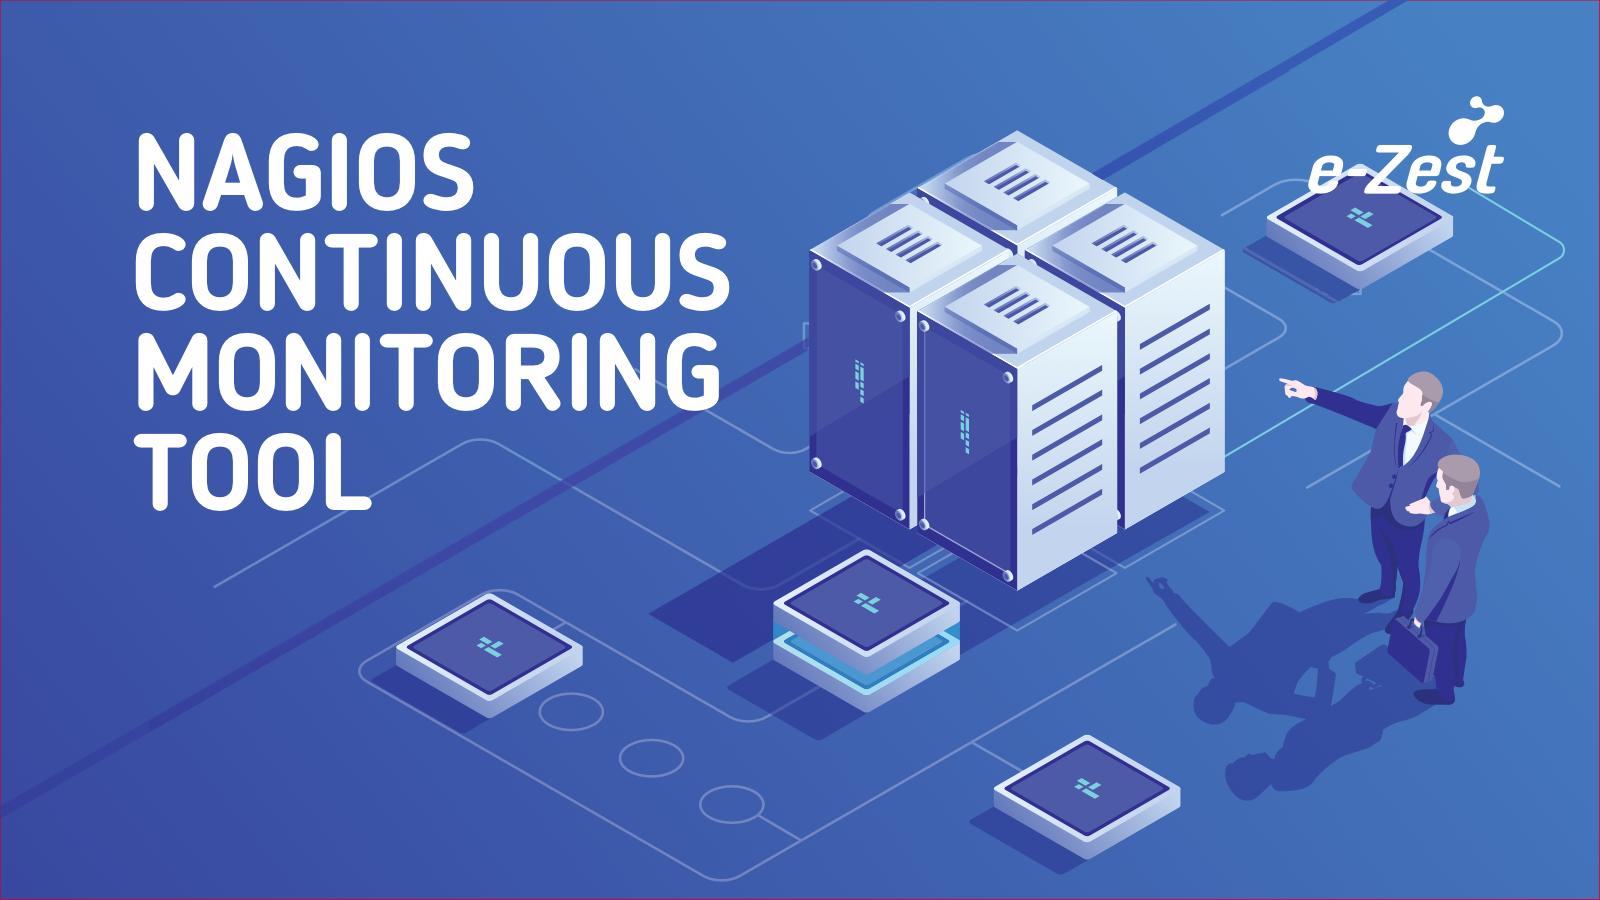 Nagios Continuous Monitoring Tool